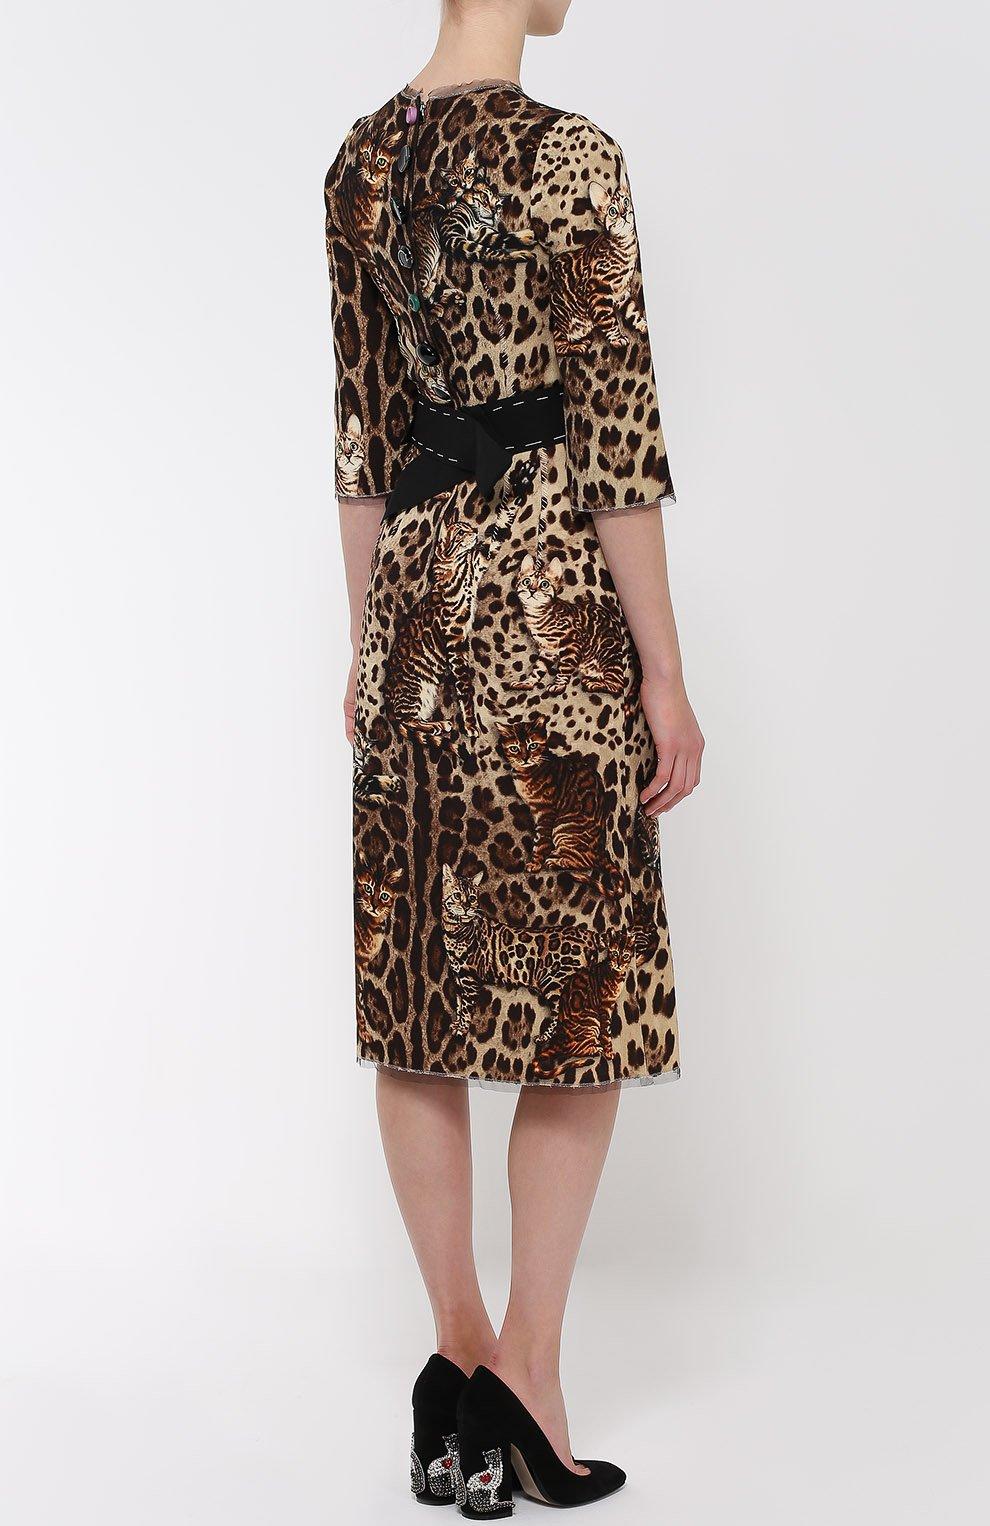 Приталенное платье с коротким рукавом и звериным принтом Dolce & Gabbana коричневое | Фото №4